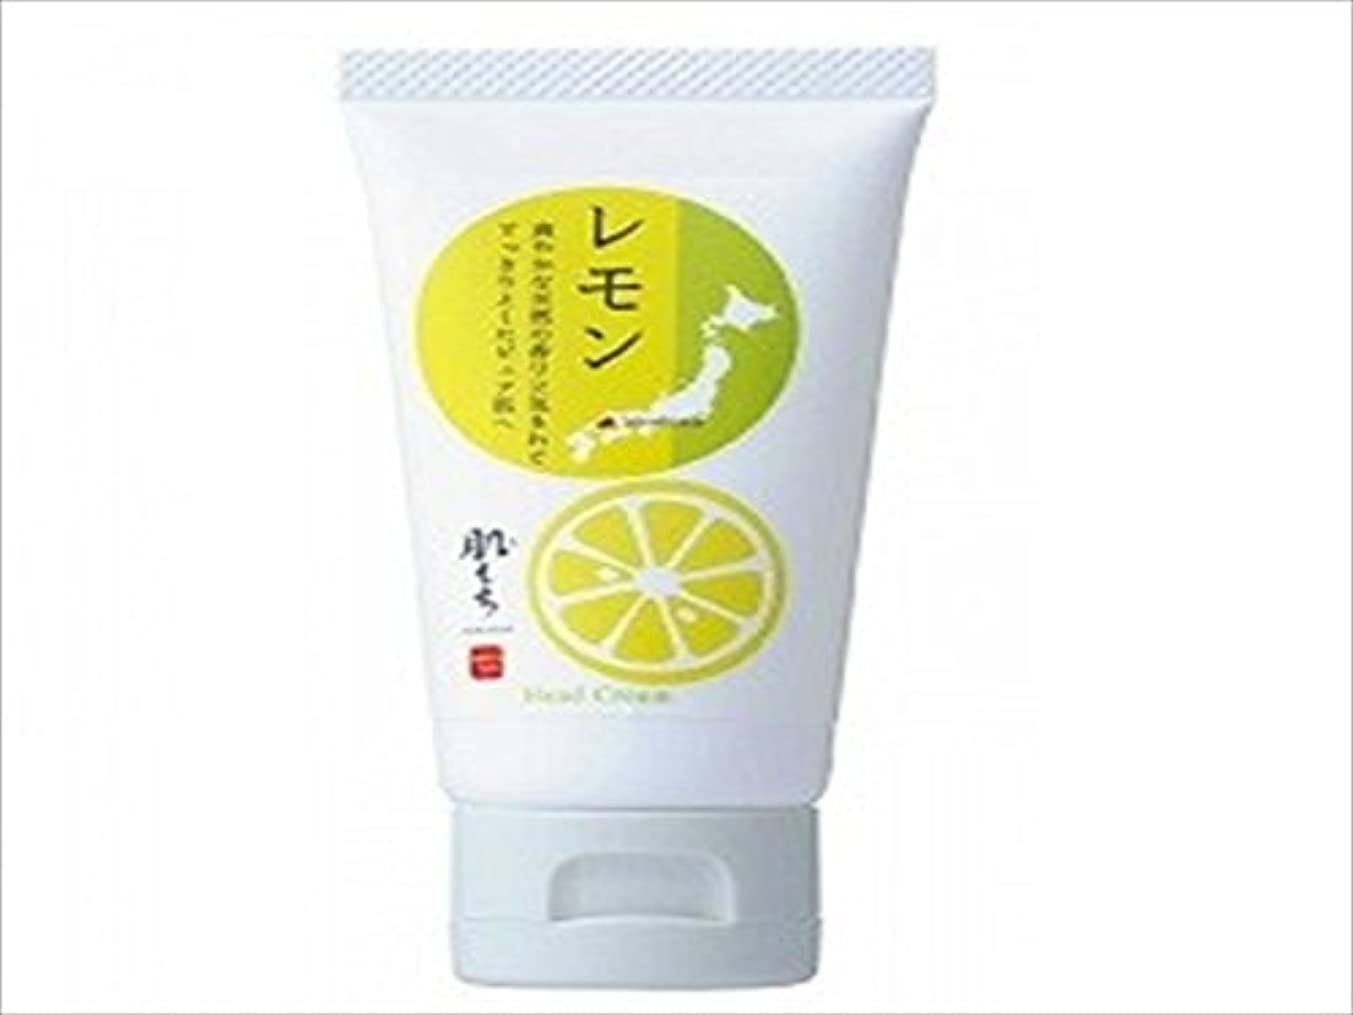 モーテルスピーカー比べる肌もちKIMOCHIハンドクリームレモン 50g